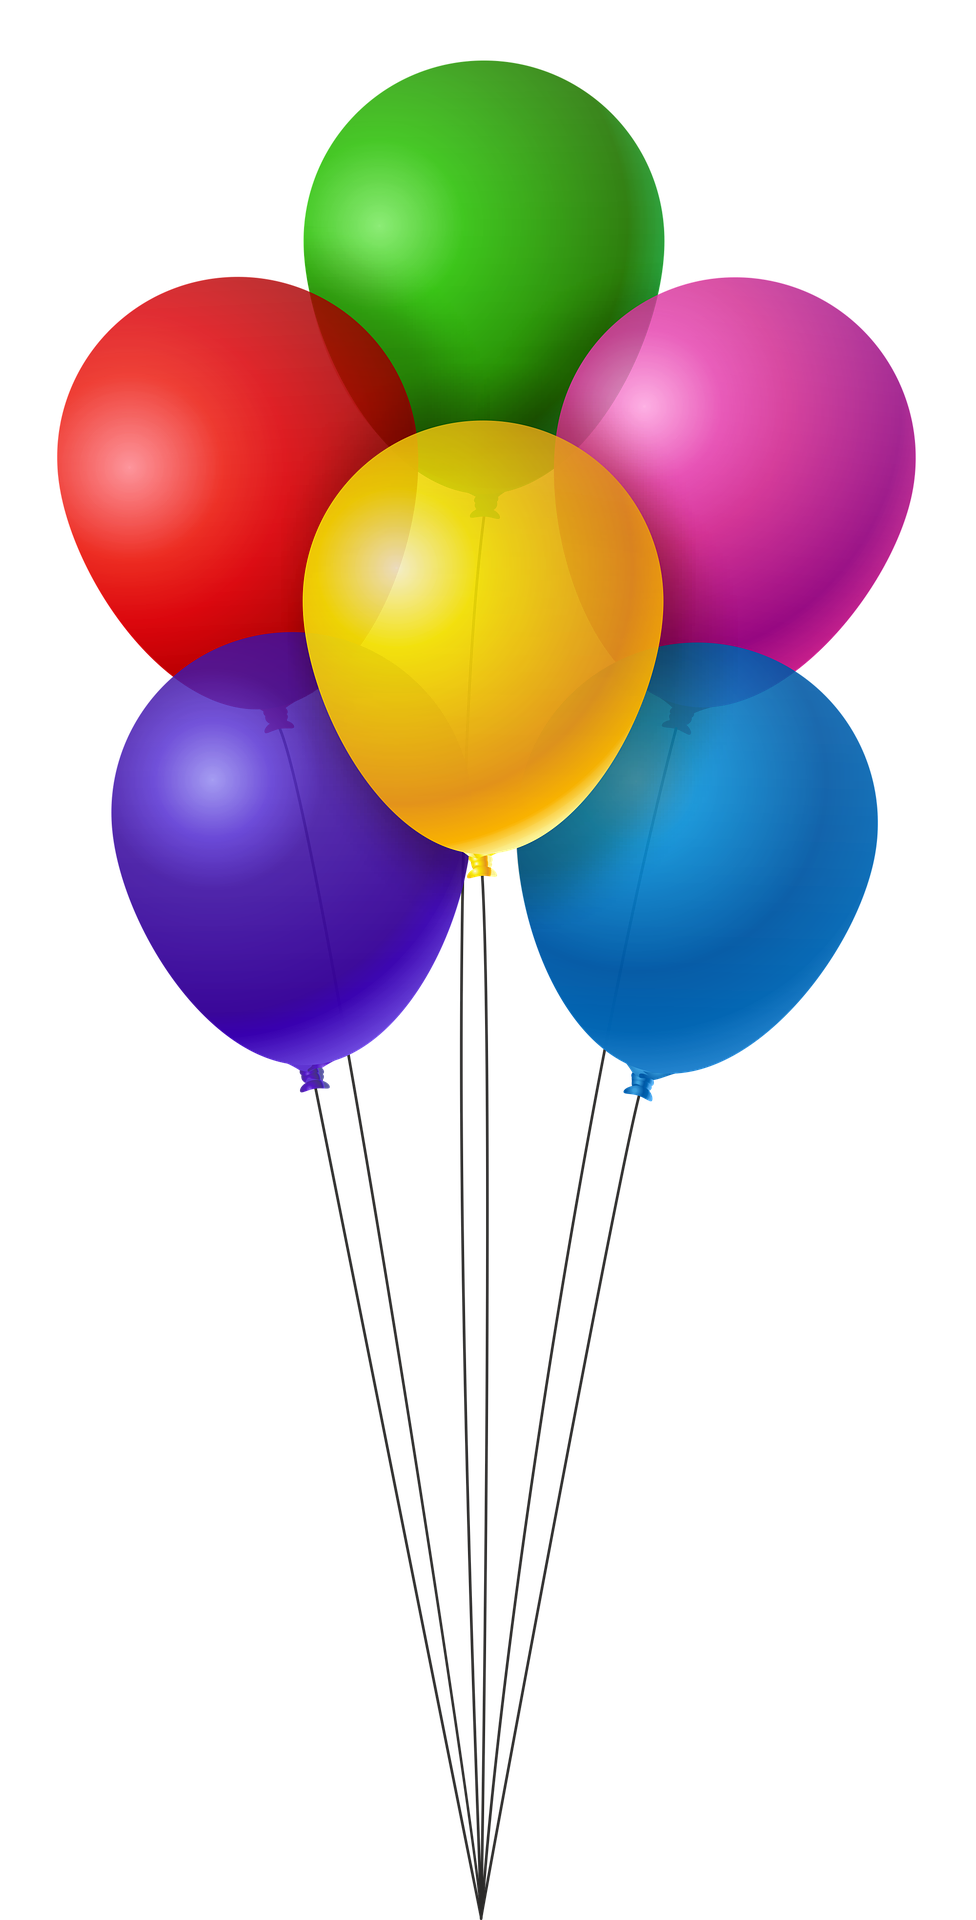 balloons-1903713_1920